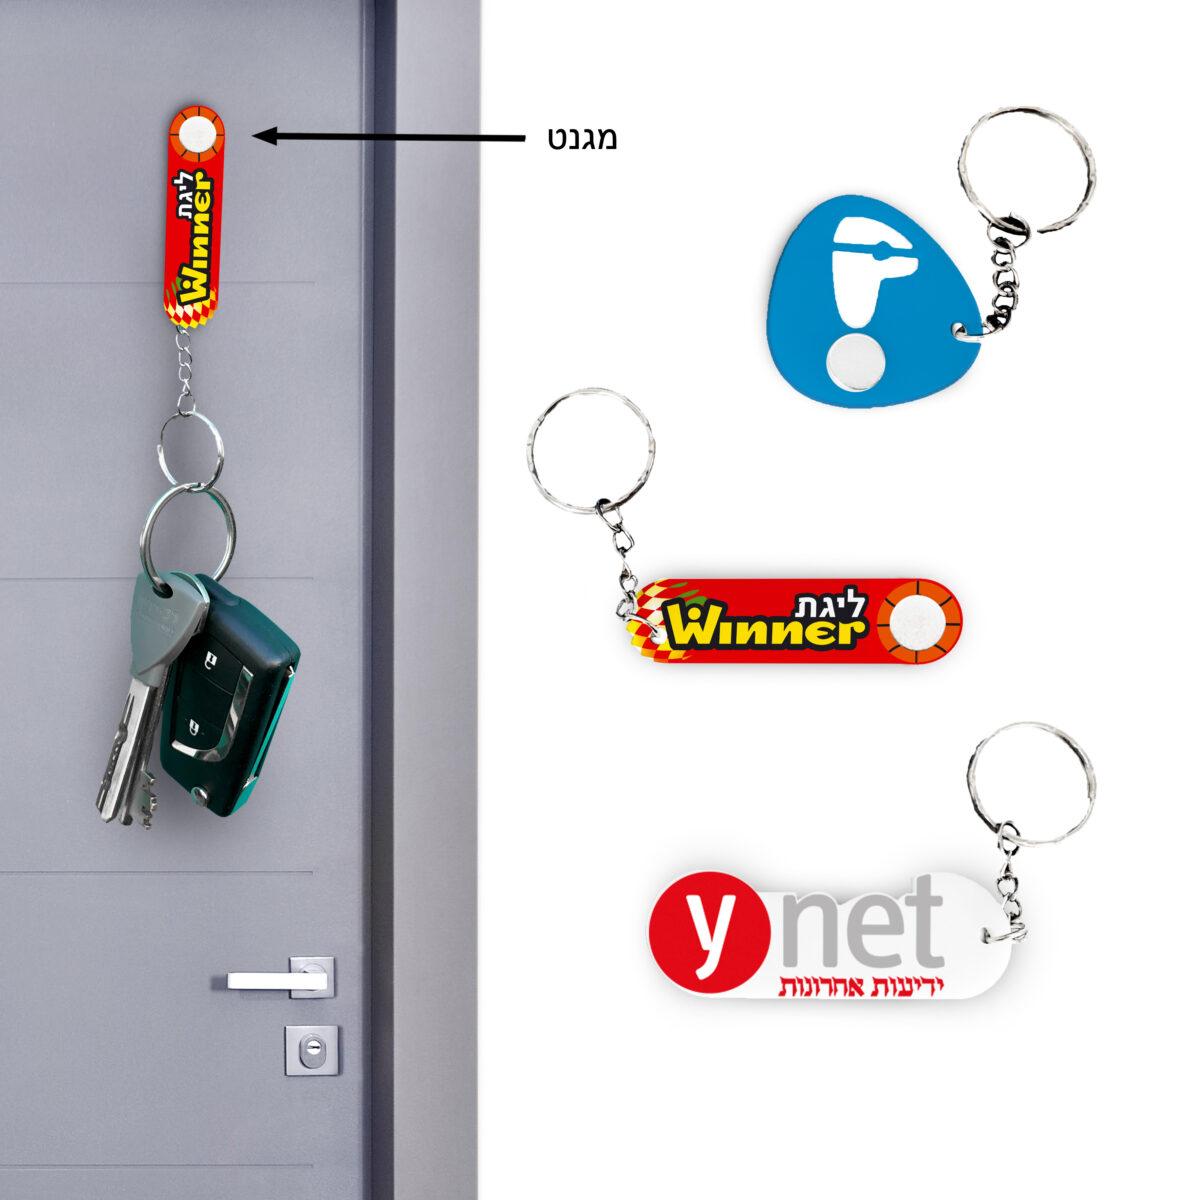 מחזיק מפתחות מגנטי בעיצוב אישי